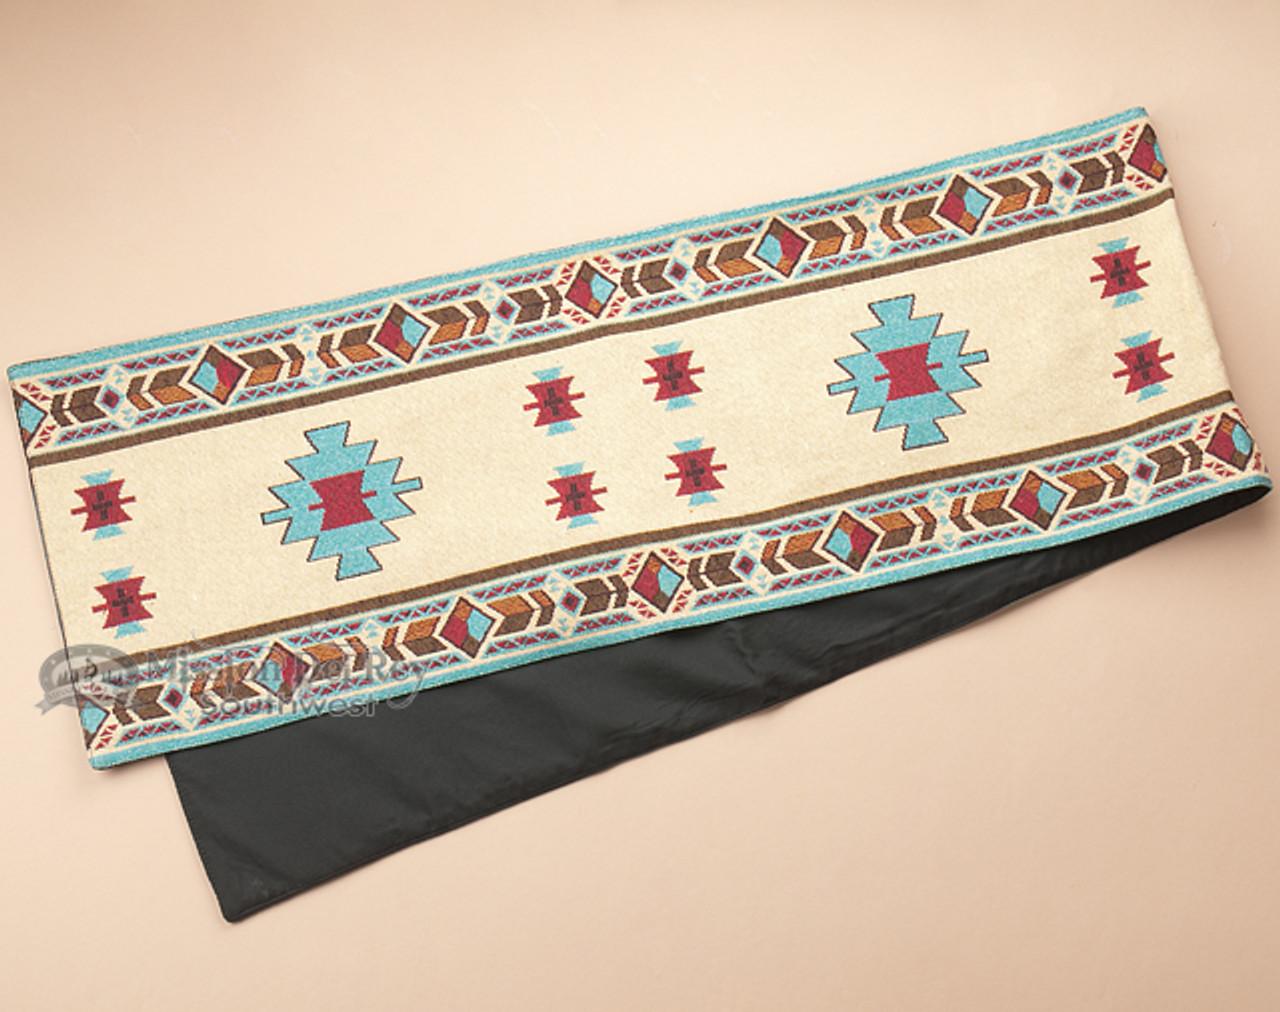 Southwestern Style Tapestry Table Runner 13x72 Hopi T59